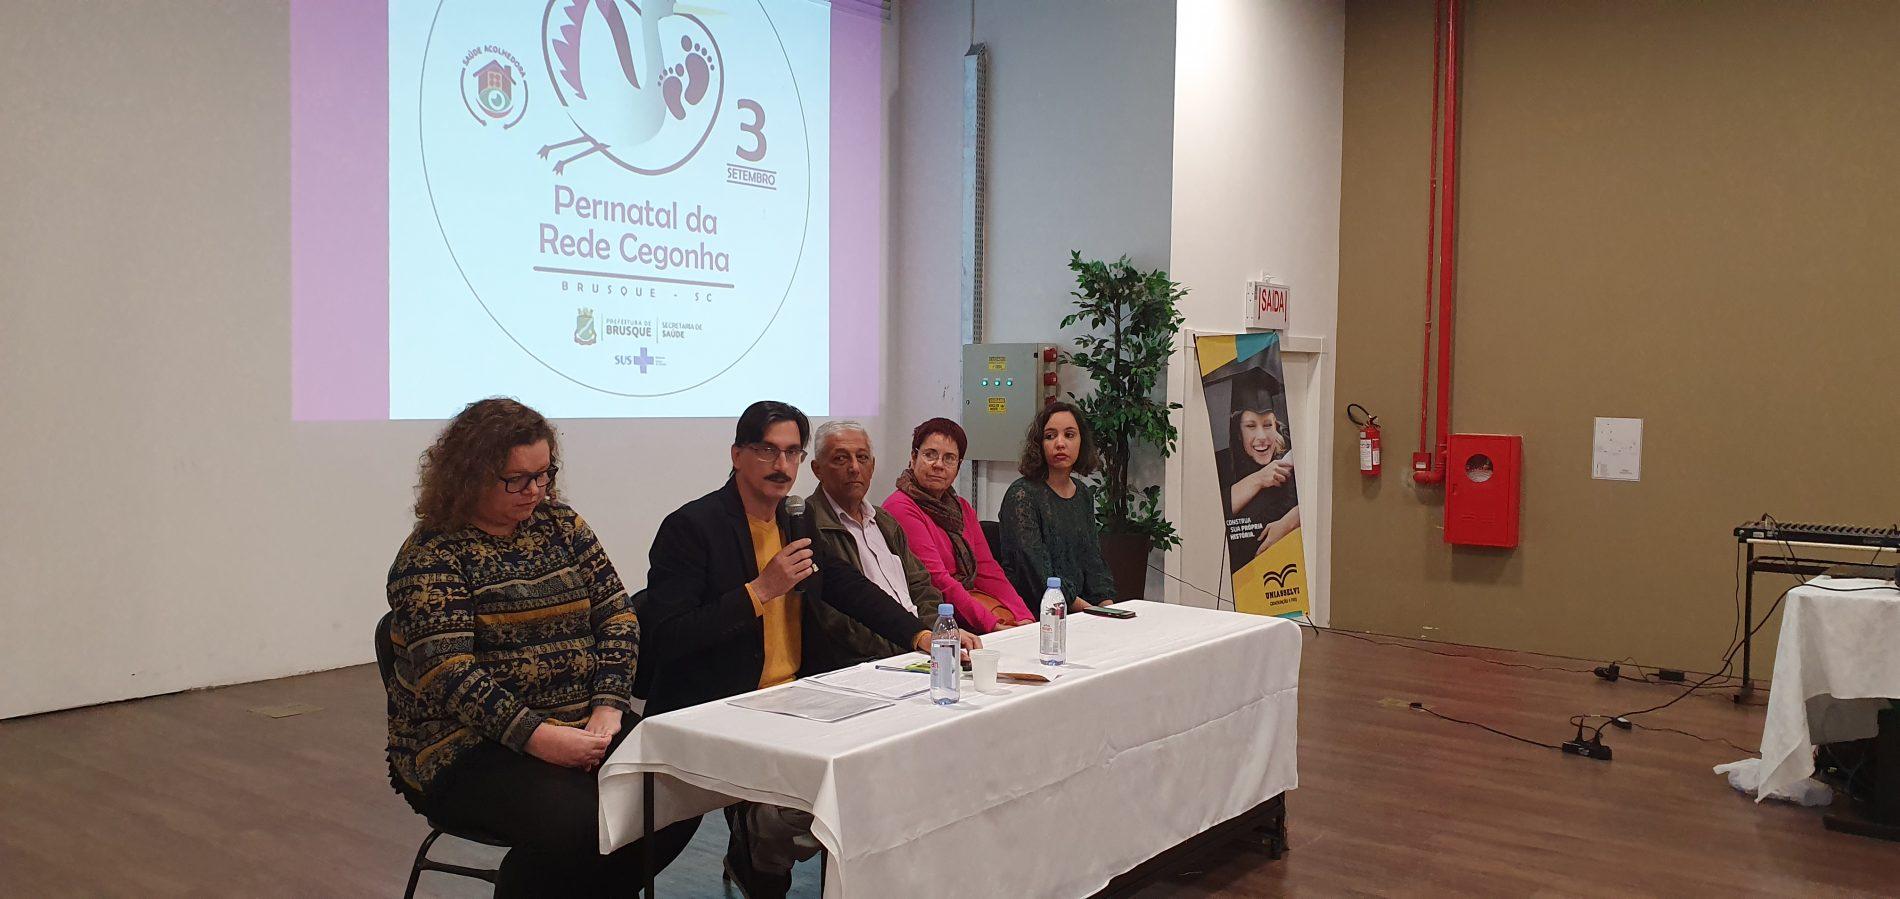 Fórum Perinatal realizado em Brusque, com profissionais da região da AMMVI, discutiu ações para ampliar o atendimento da rede cegonha